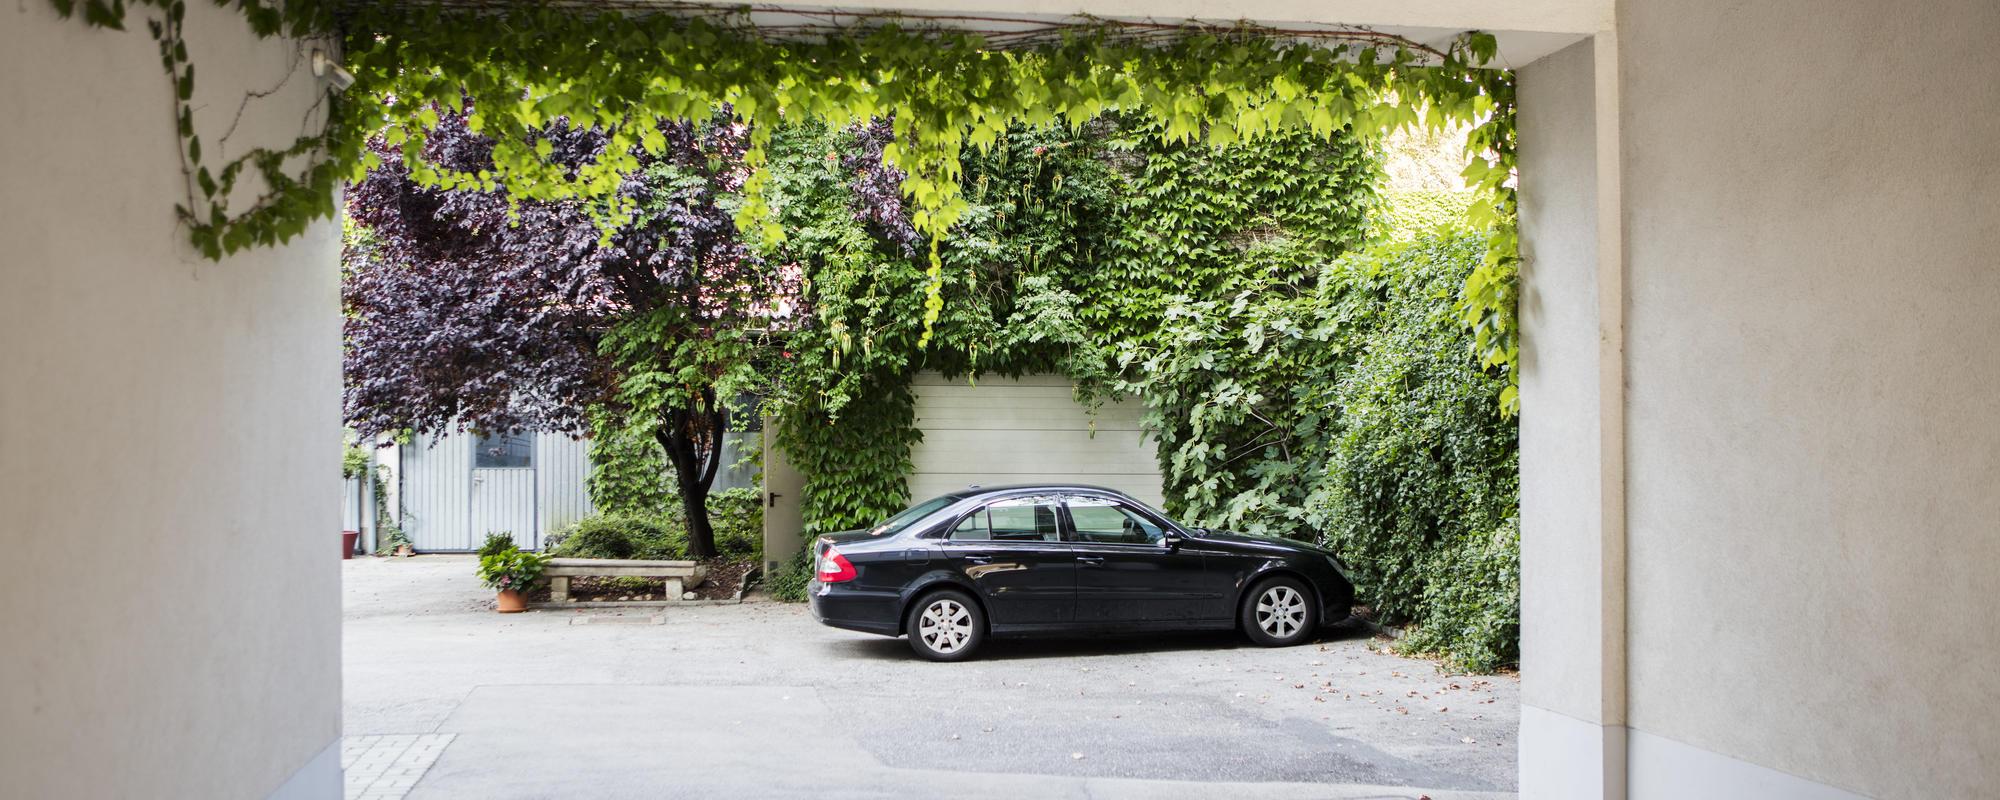 Parkmöglichkeit direkt beim Hotel Hahn